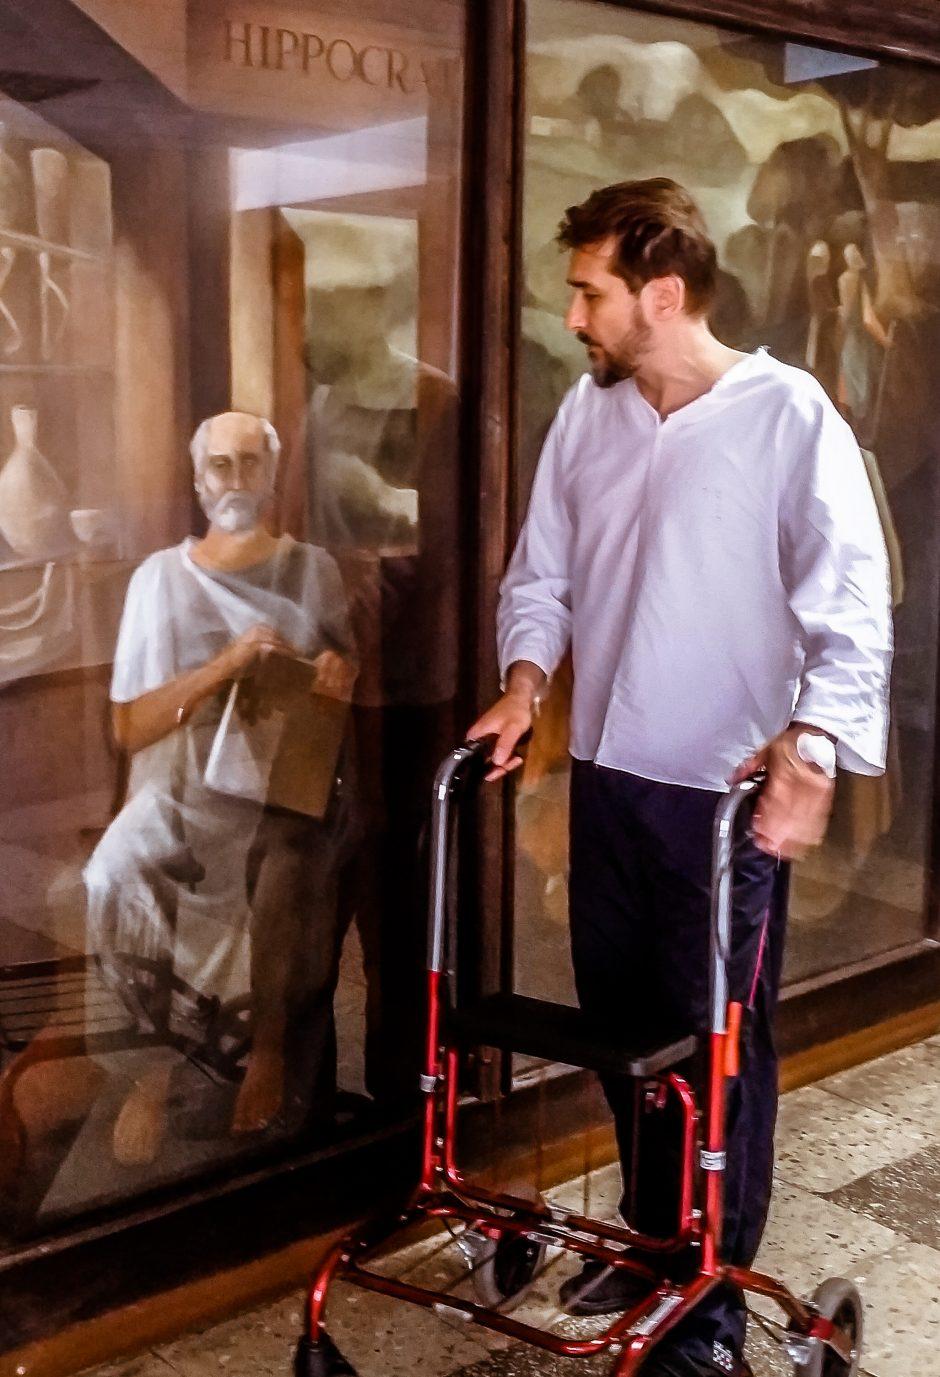 Skausmus kentęs magas A. Gaičiūnas ryžosi operacijai